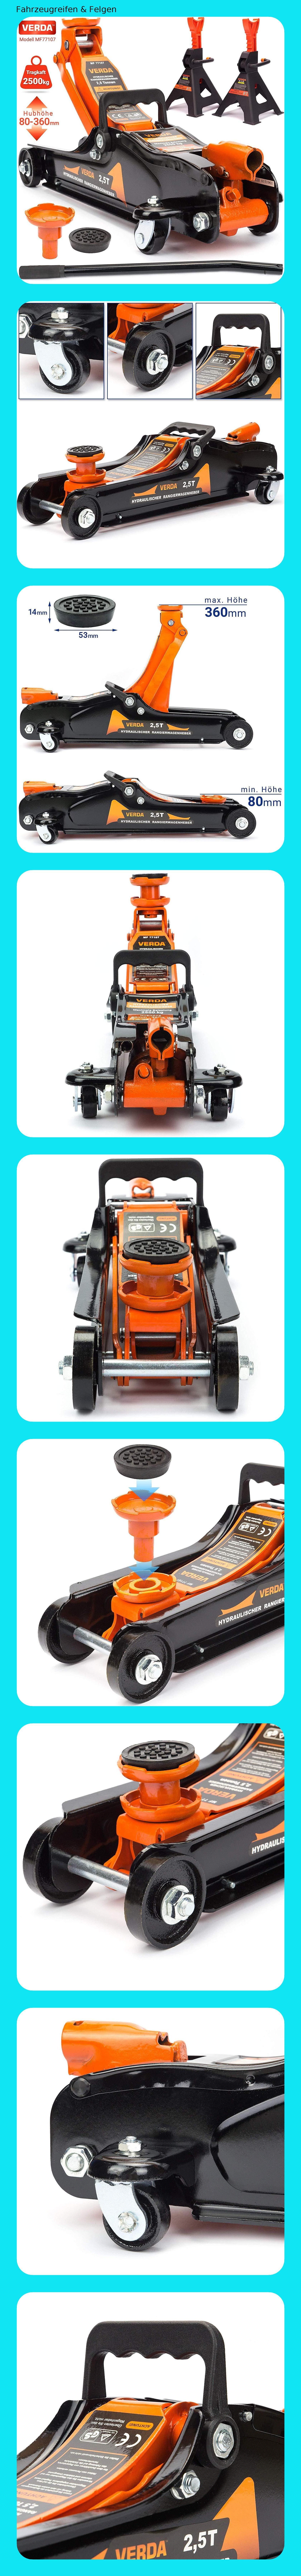 Fahrr/äder und Motorr/äder Reifenprofiltiefenmesser f/ür Autos Transporter Gel/ändewagen LKW Sprinter URAQT Reifendruck Pr/üfer Digitaler Luftdruckpr/üfer mit gro/ßem LCD-Display Autoventilen